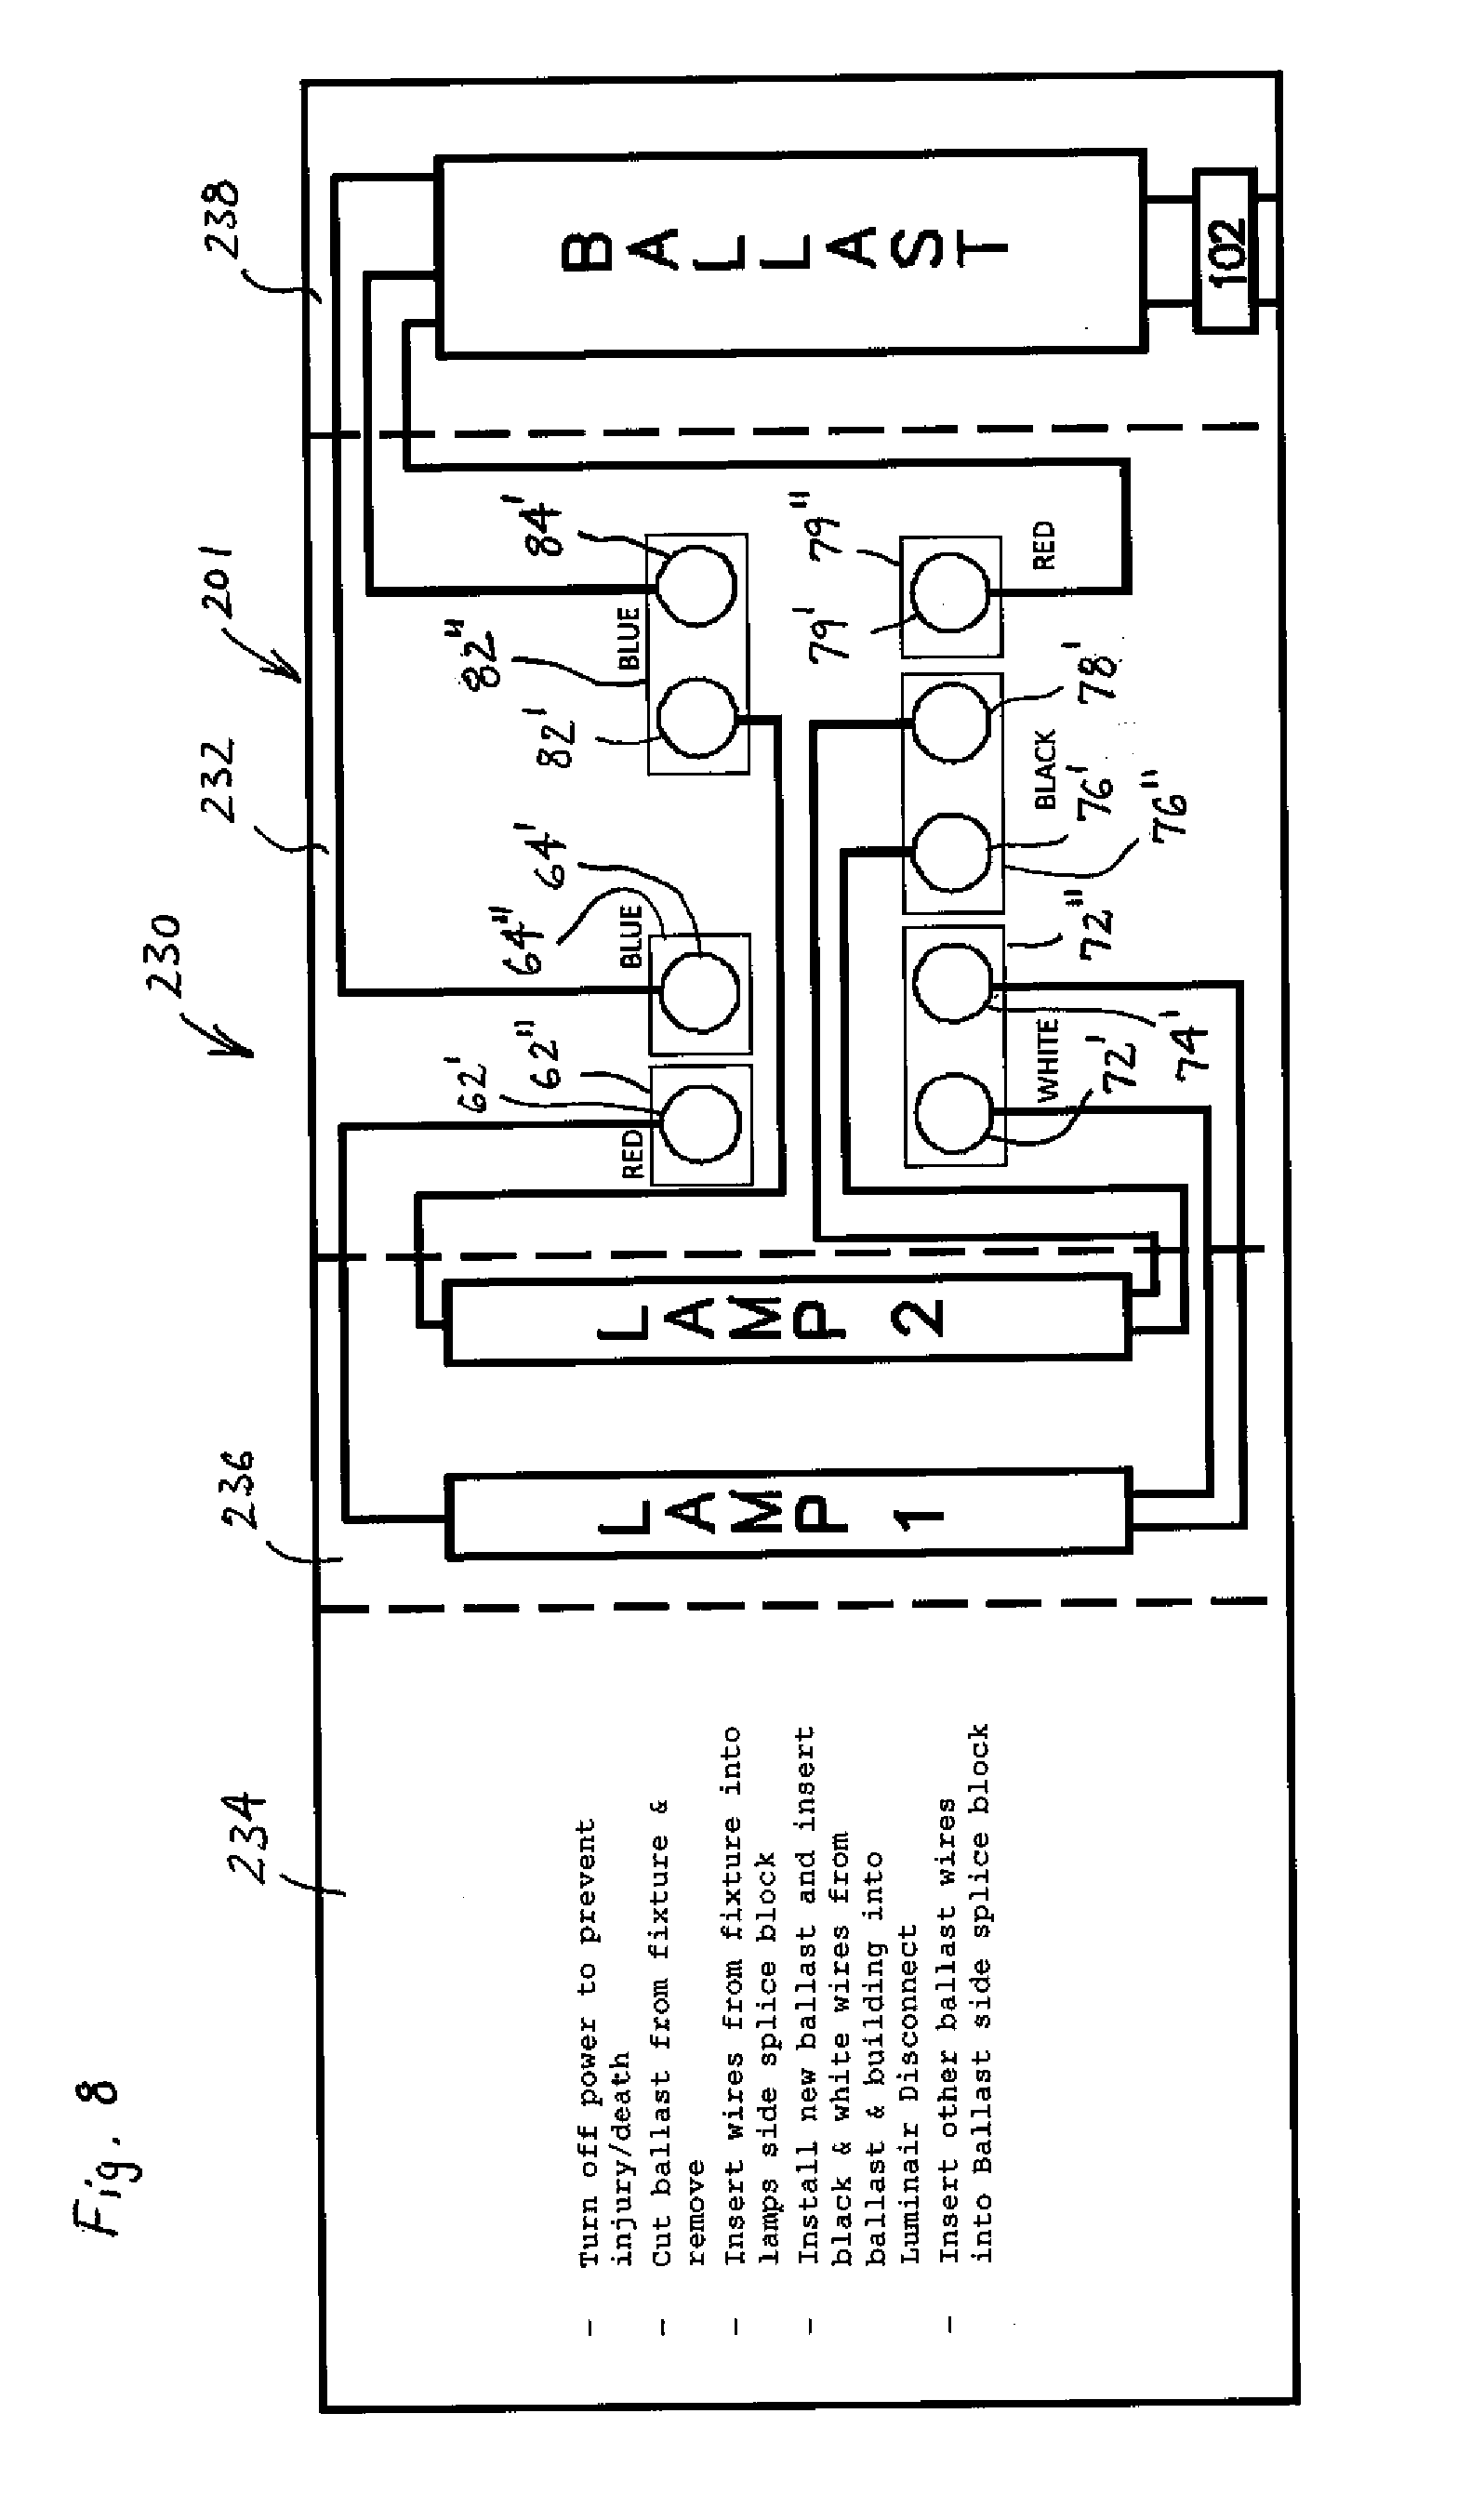 patent us20110070768